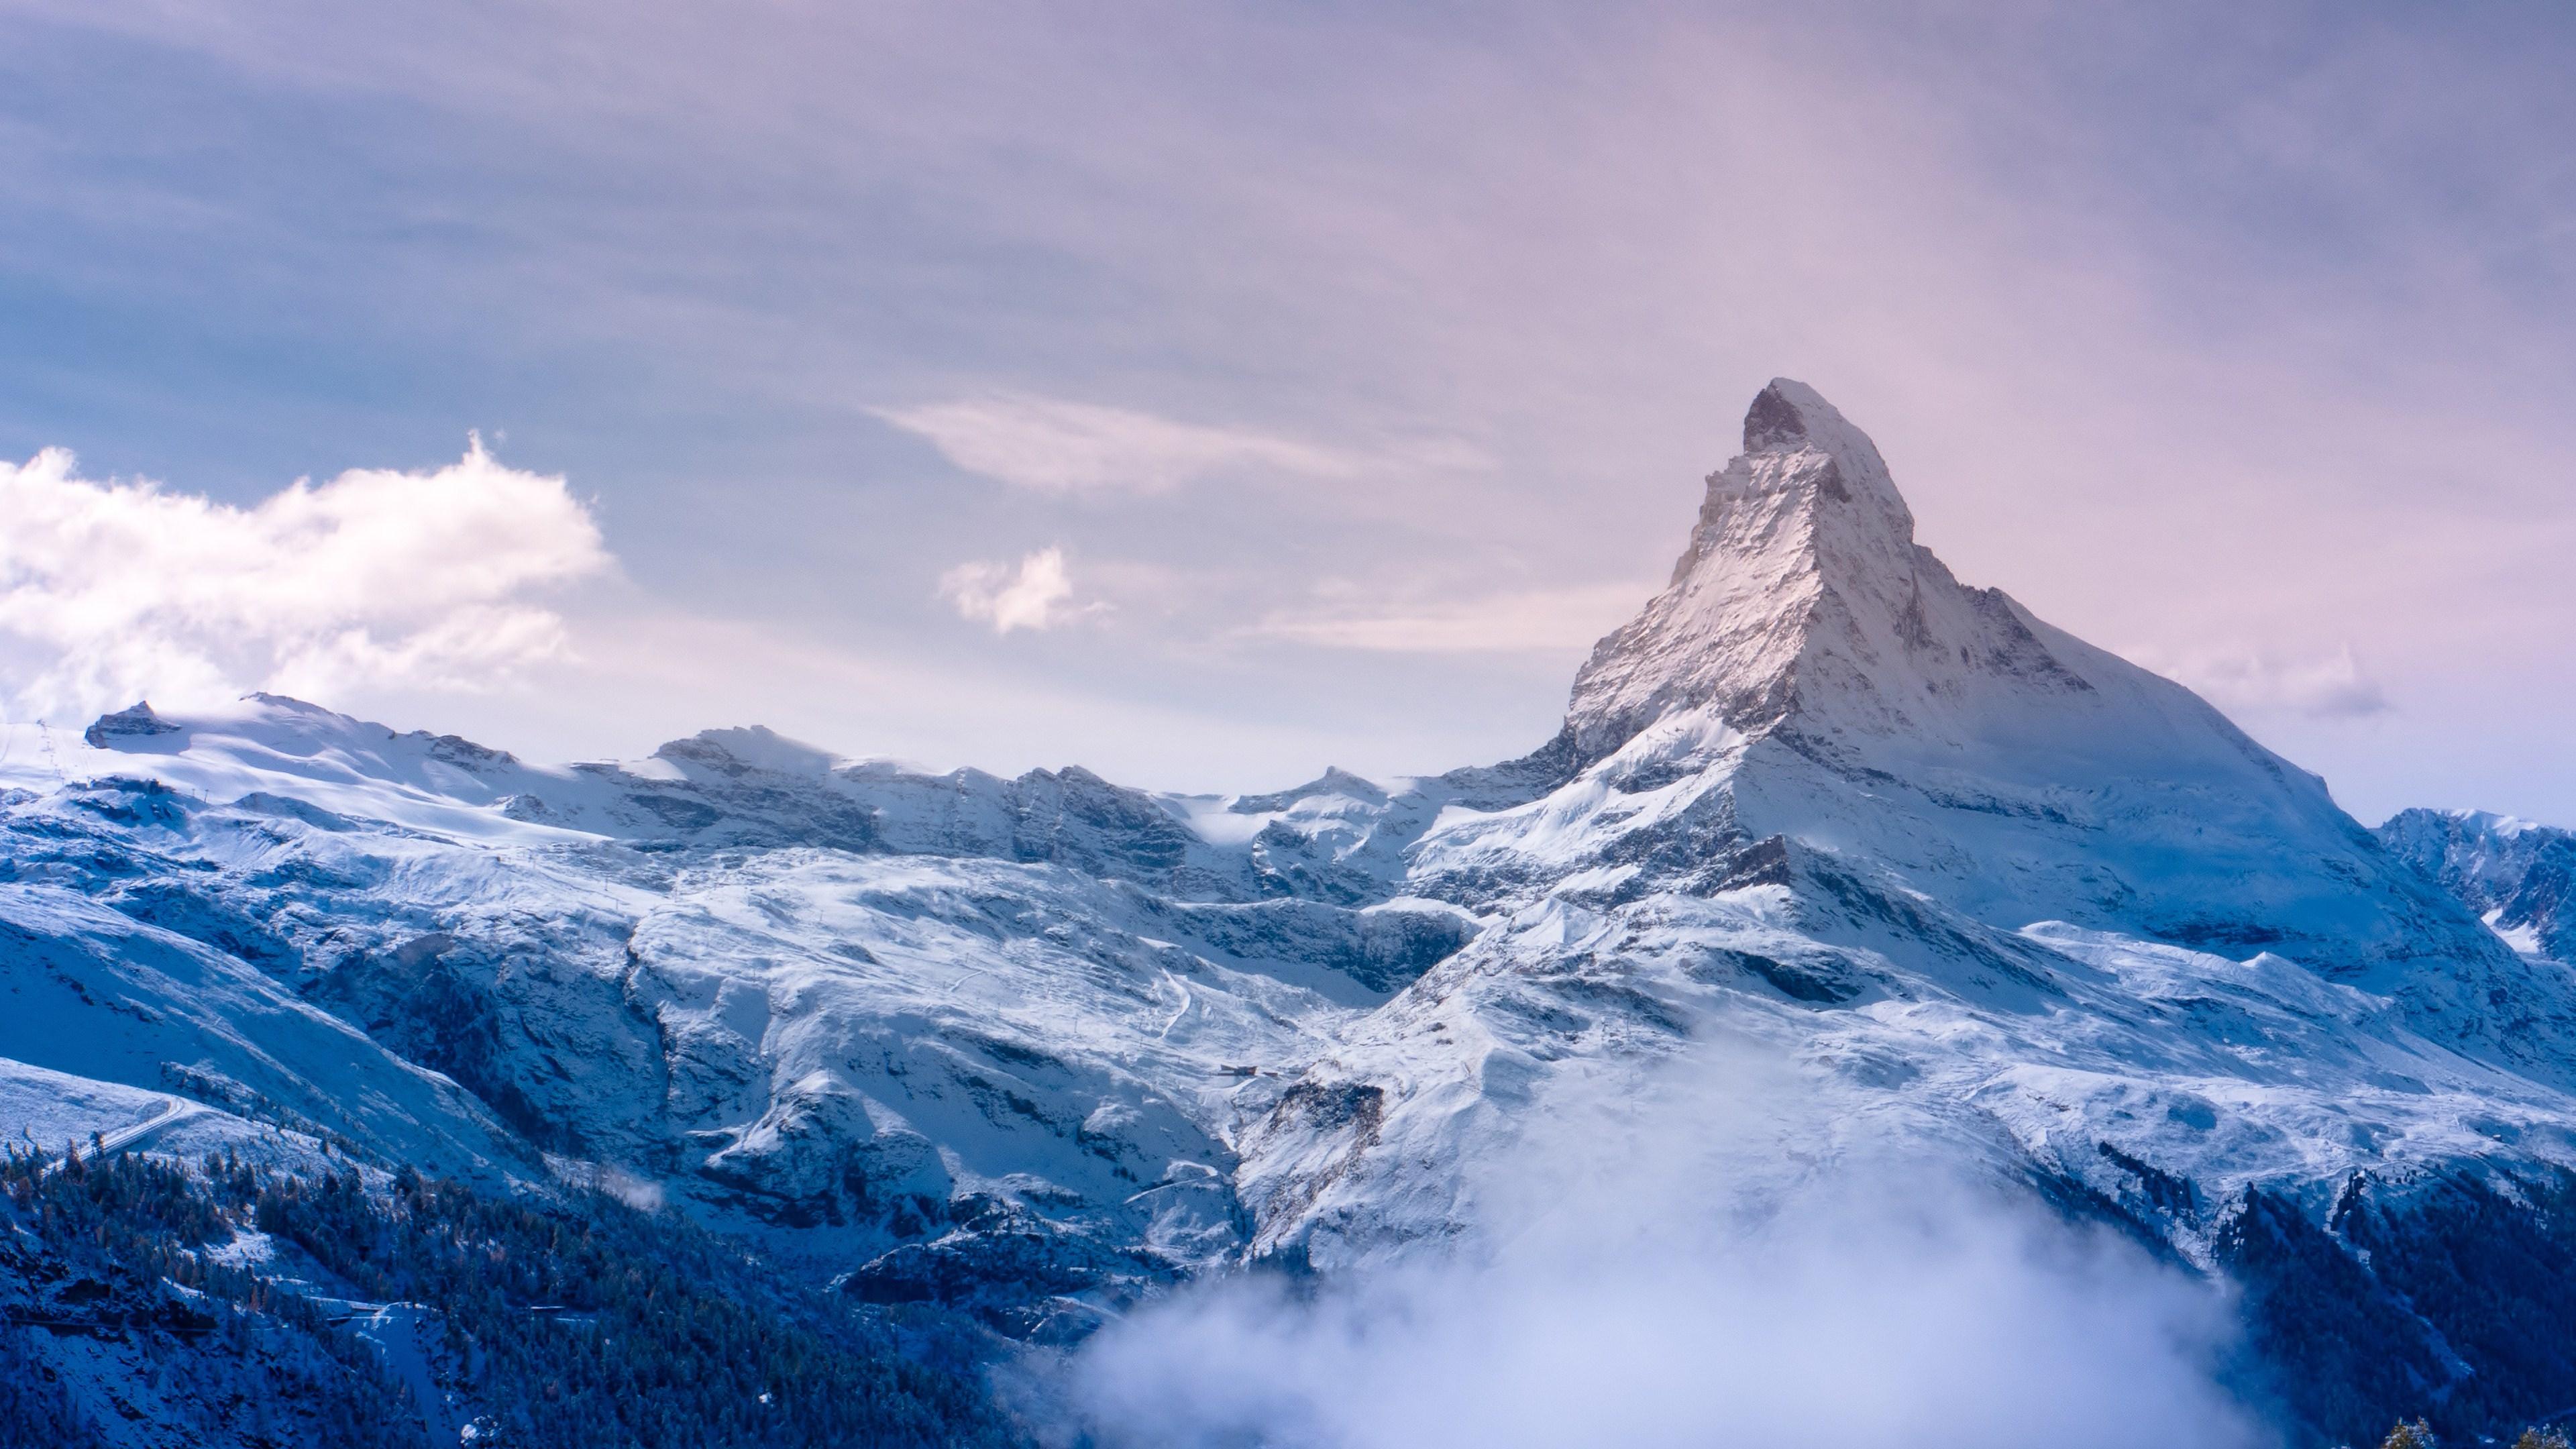 Winter Mountain wallpaper 3840x2160 196171 WallpaperUP 3840x2160